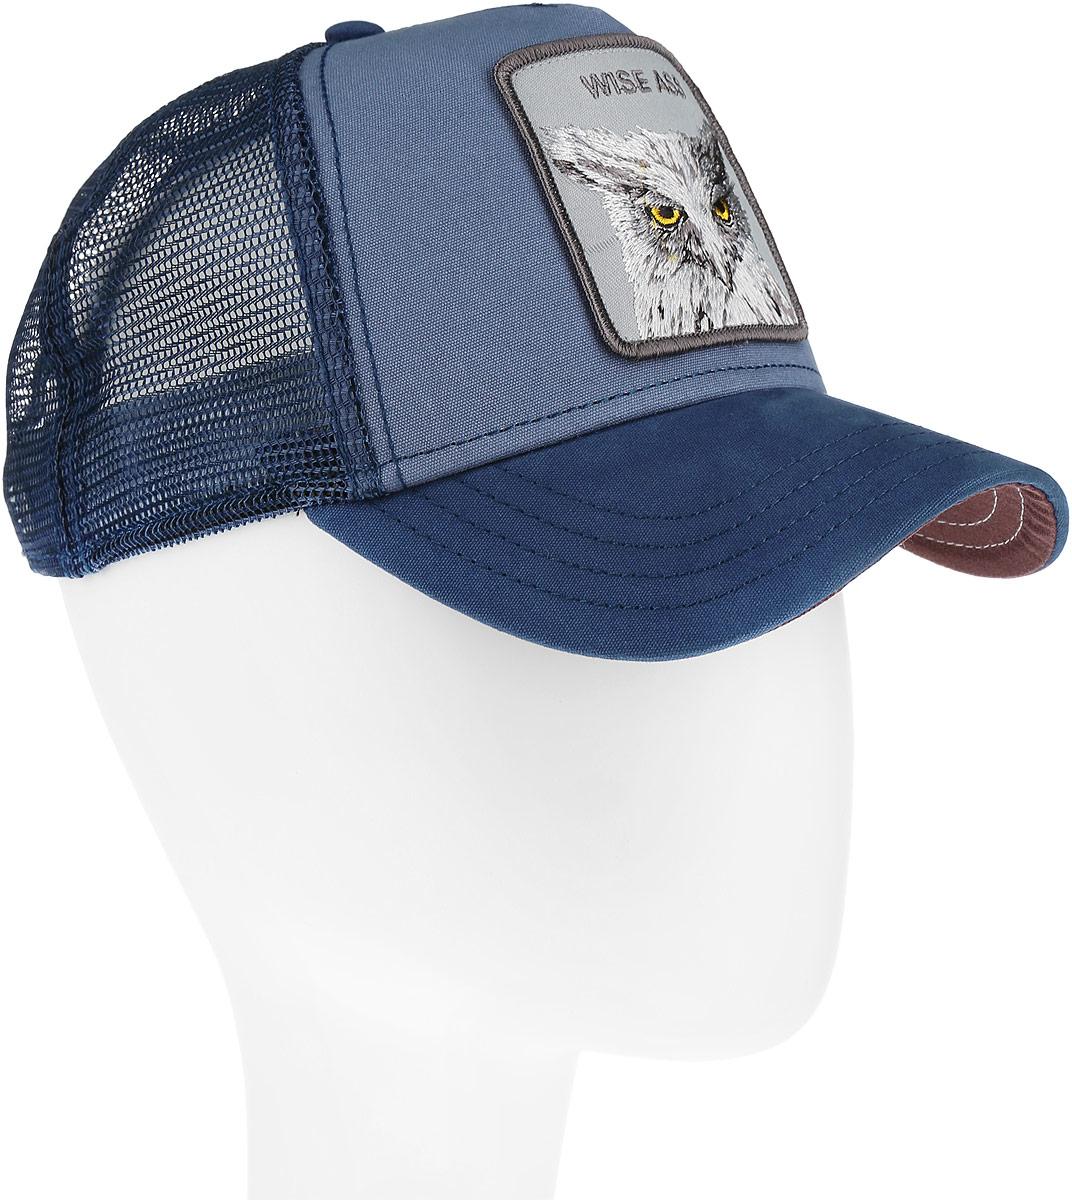 Бейсболка Goorin Brothers, цвет: синий, темно-синий. 90-945-19-00. Размер универсальный90-945-19-00Стильная бейсболка Goorin Brothers, выполненная из высококачественных материалов, идеально подойдет для прогулок, занятия спортом и отдыха. Она надежно защитит вас от солнца и ветра. Классическая кепка с сетчатой задней частью станет правильным выбором. Изделие оформлено нашивкой с изображением совы и надписью Wise Ass. Объем бейсболки регулируется пластиковым фиксатором.Ничто не говорит о настоящем любителе путешествий больше, чем любимая кепка. Эта модель станет отличным аксессуаром и дополнит ваш повседневный образ.